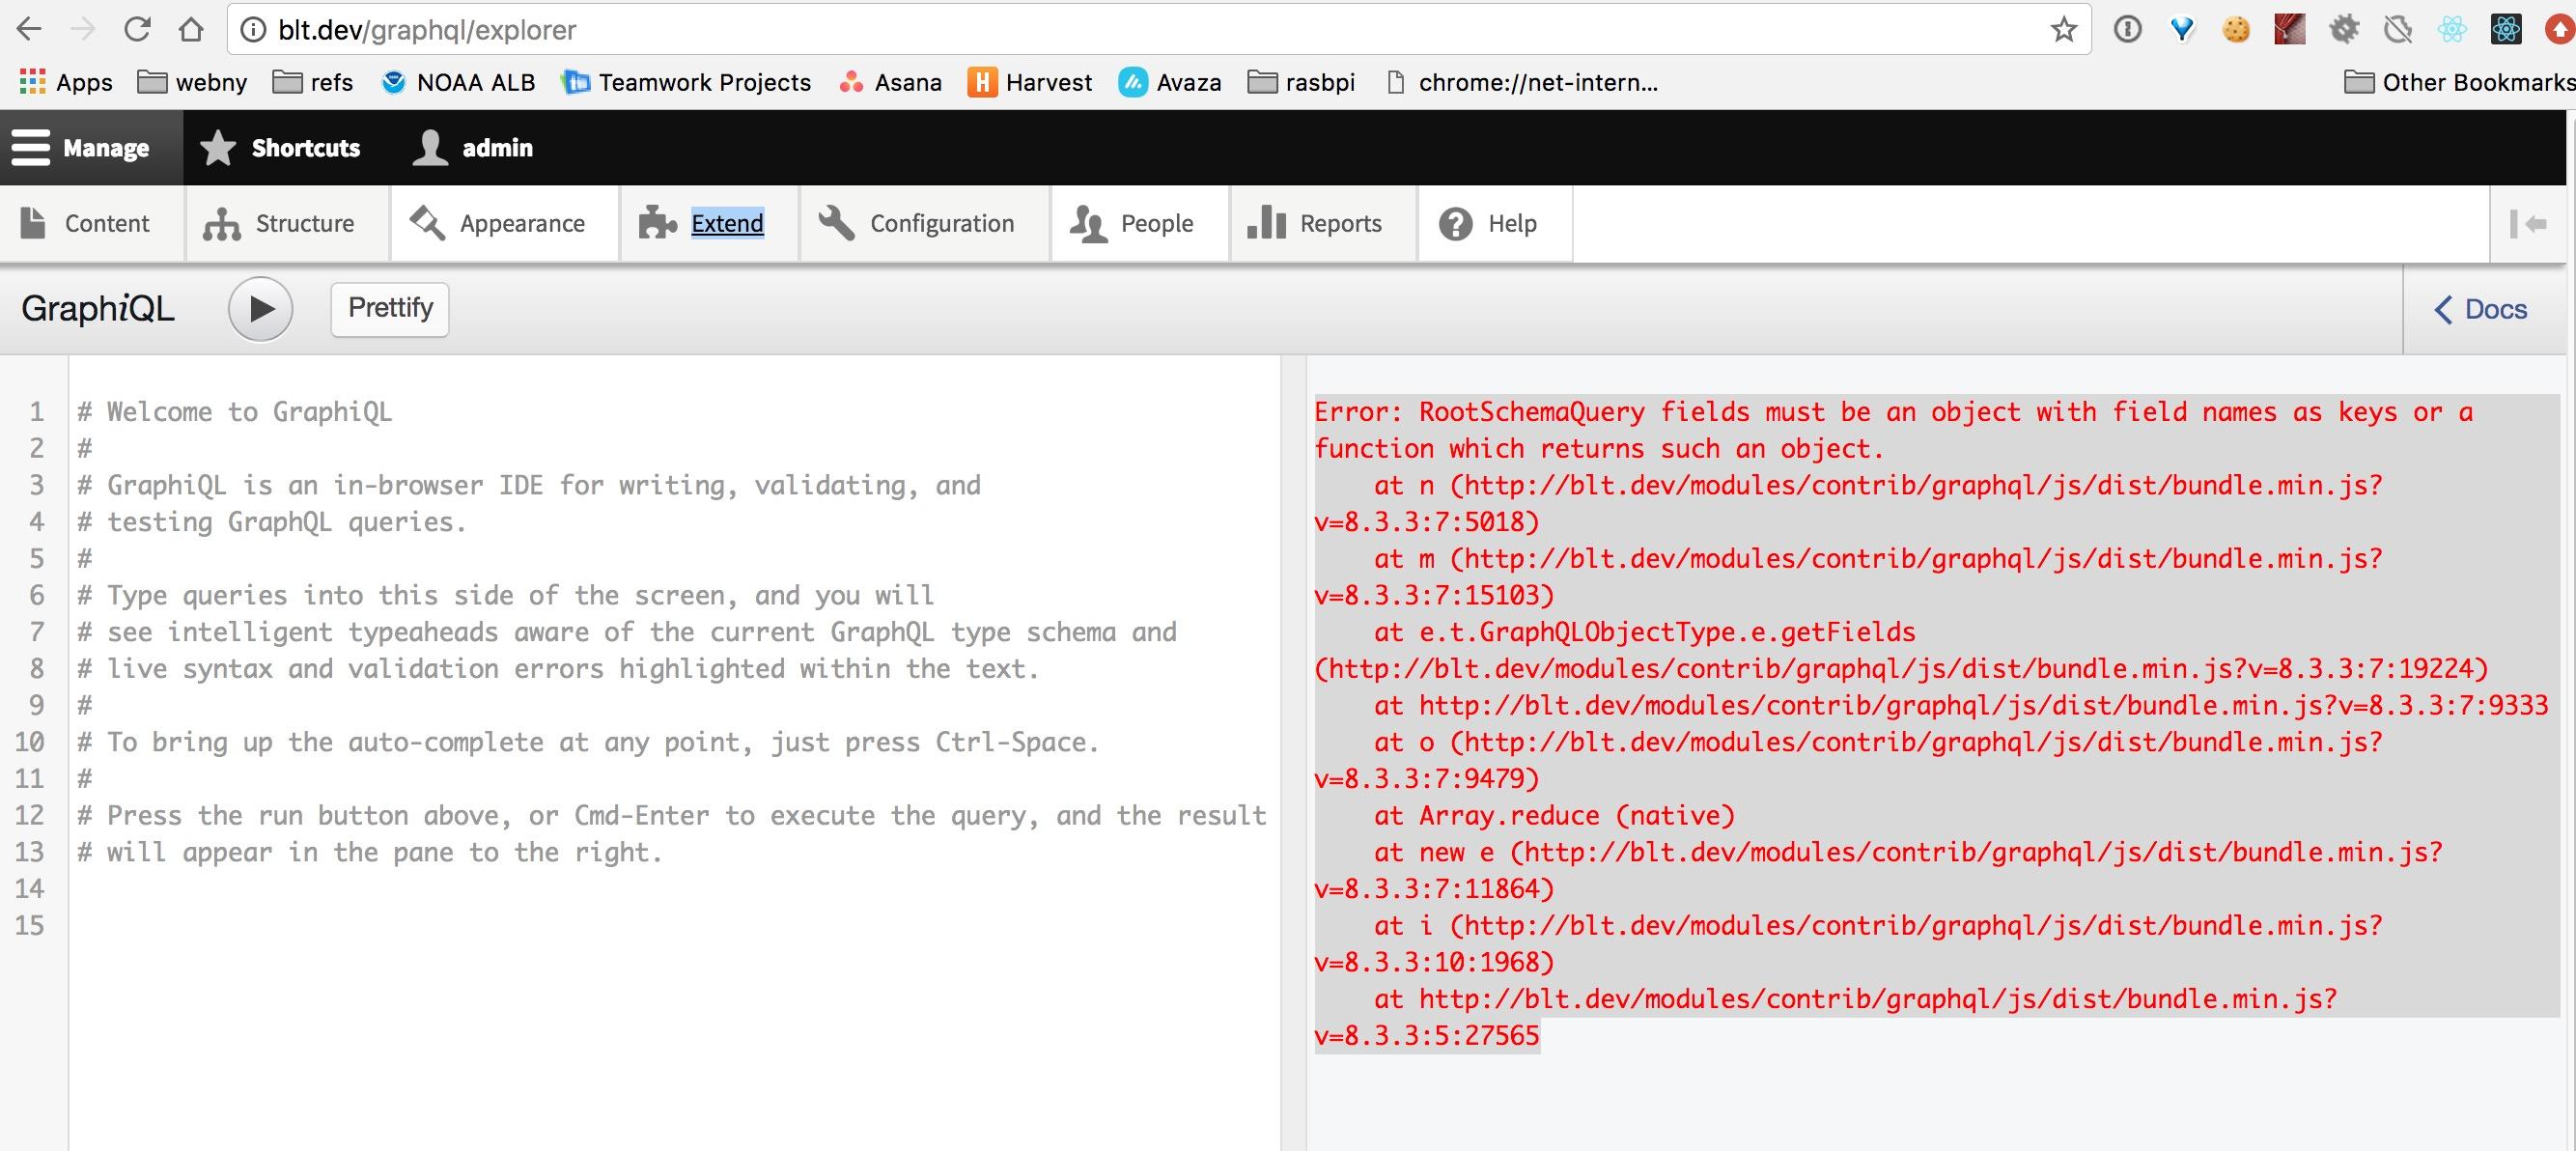 Explorer displays error message after stock drupal install